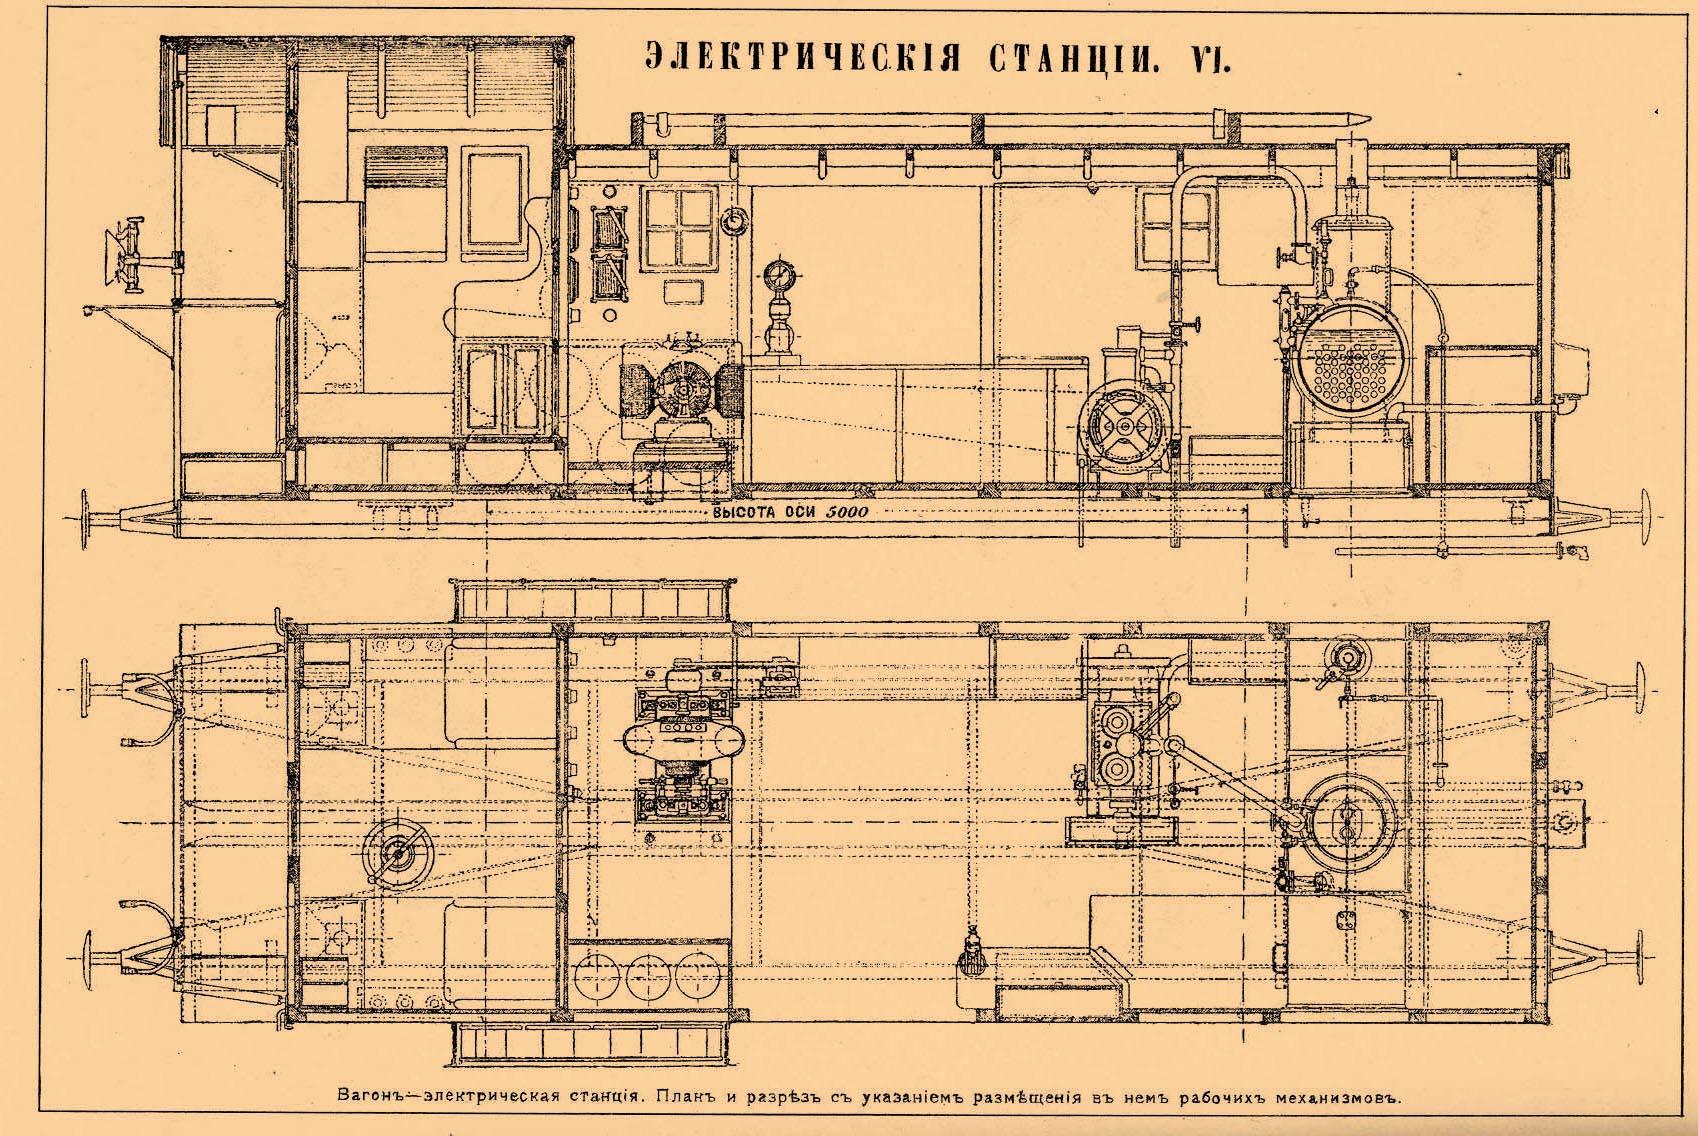 схема станций электрических